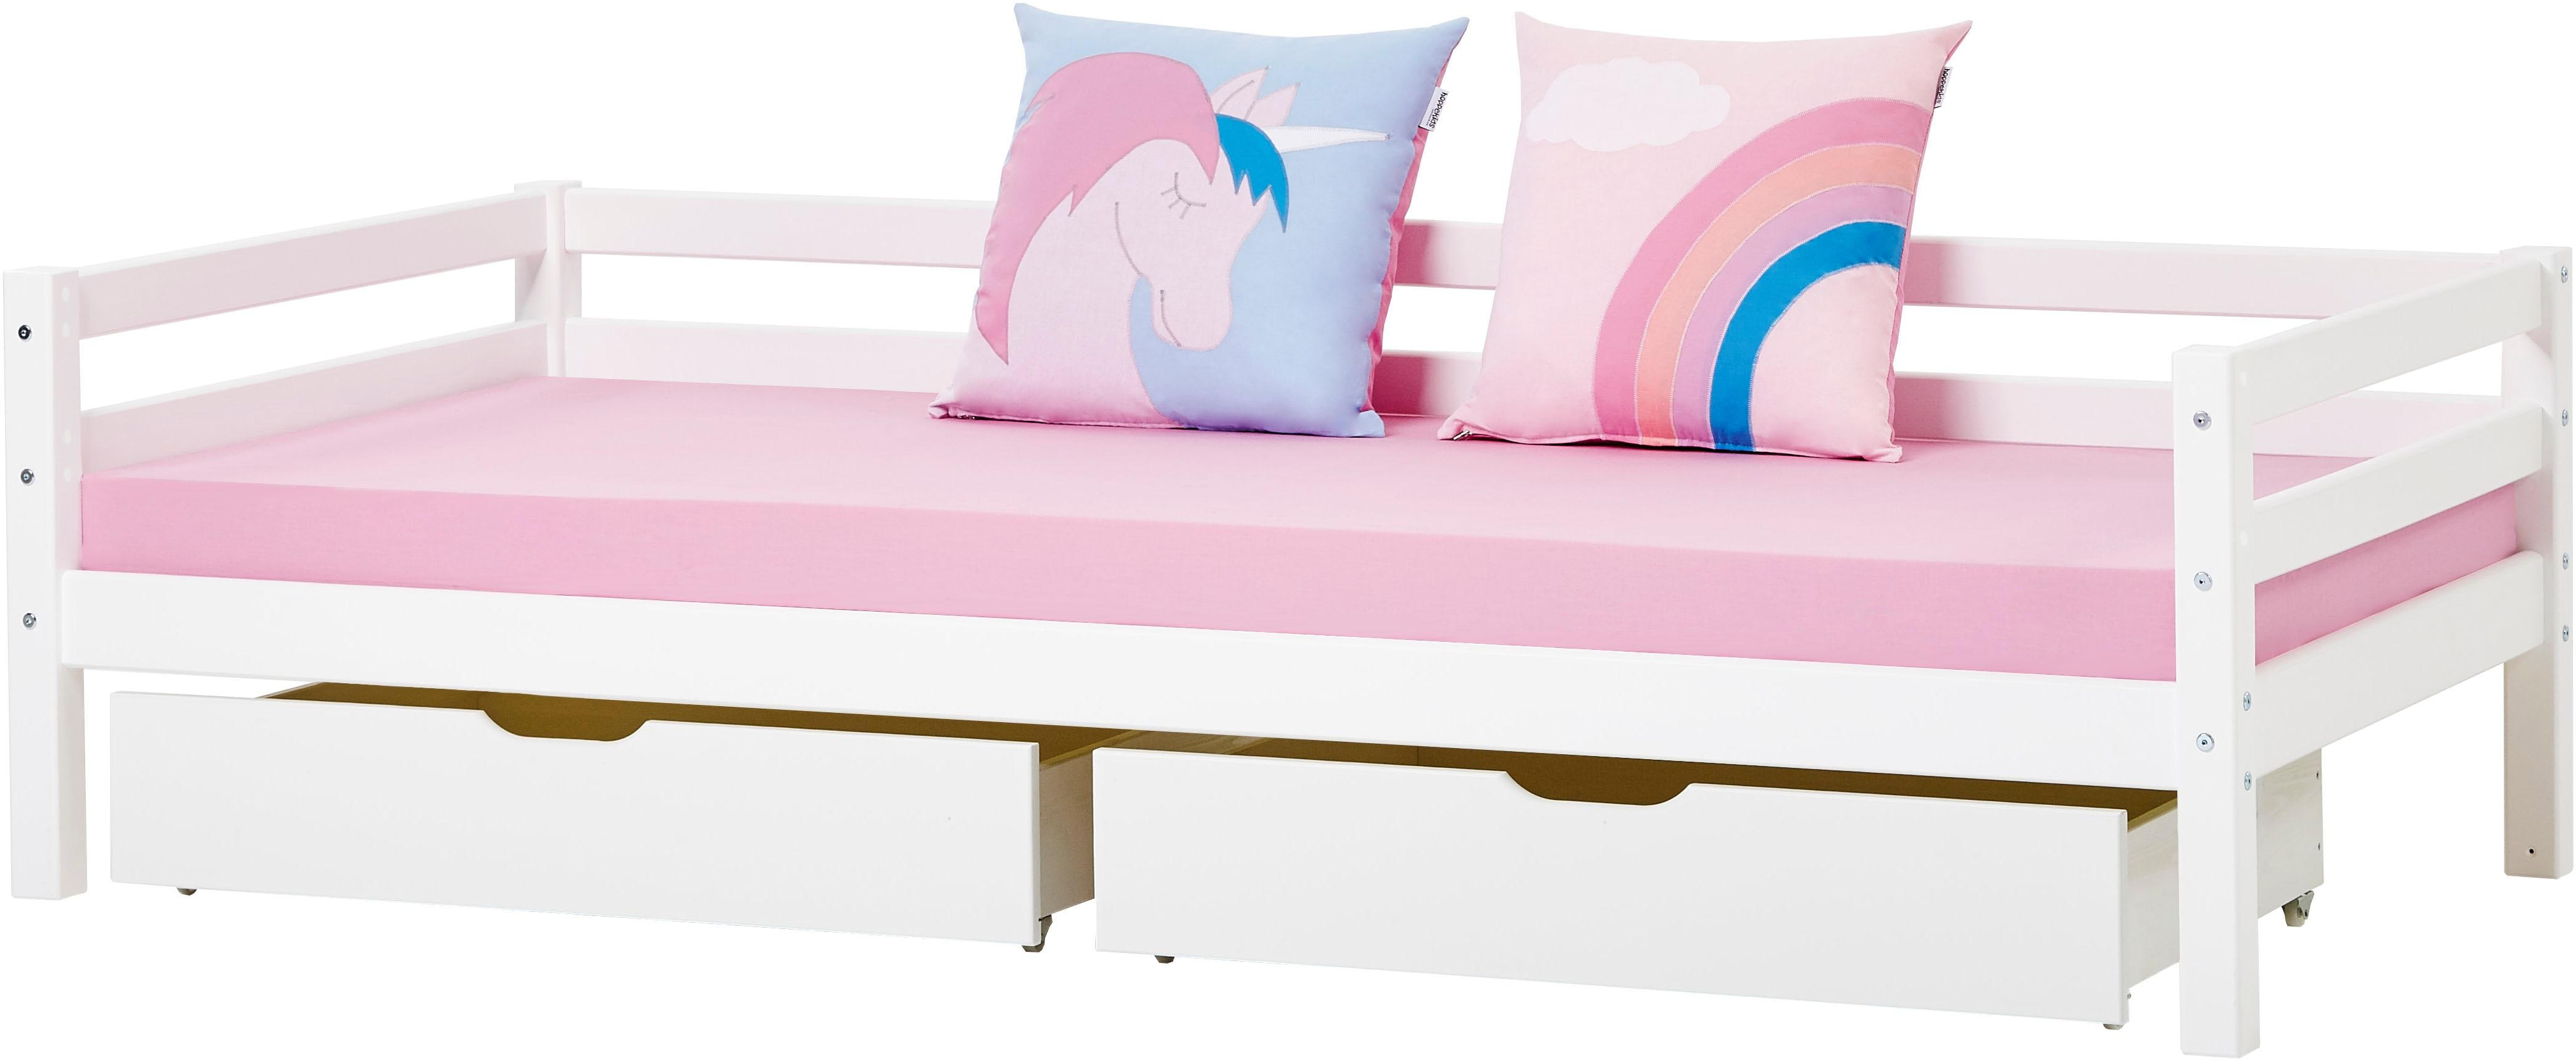 Hoppekids Sofabett inkl Schubkastenset passend für Einhorn- oder Romantik-Motiv